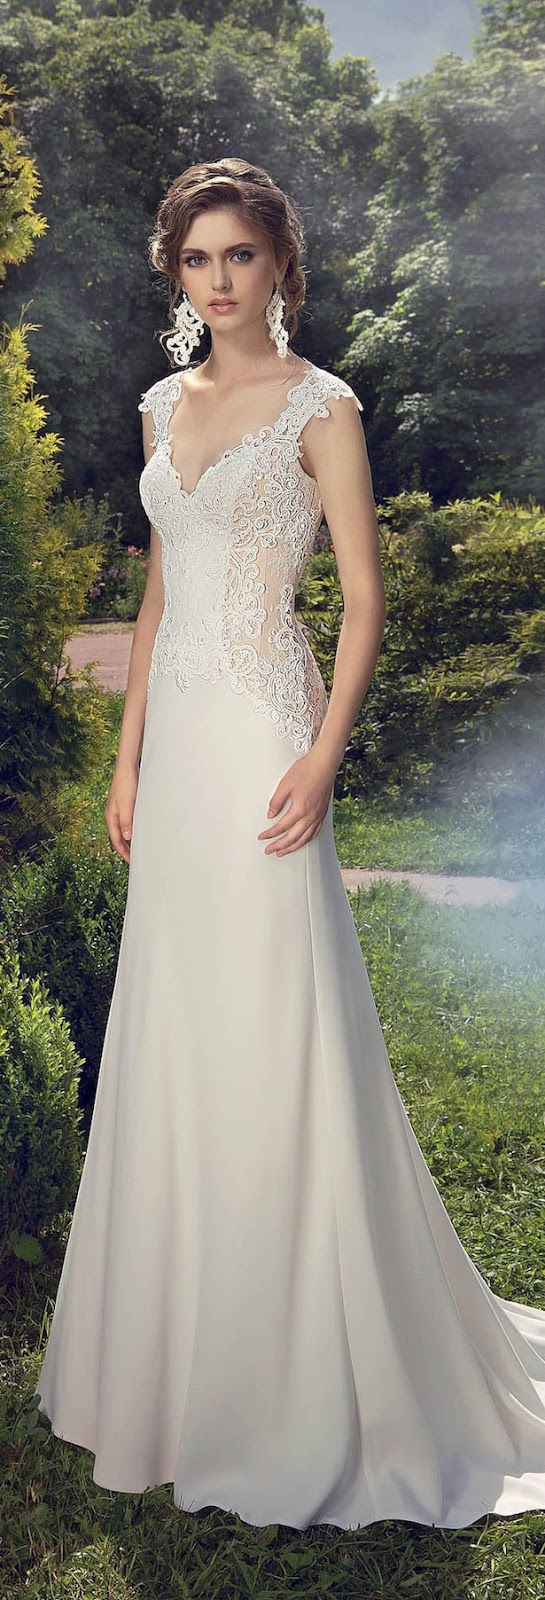 imagenes vestidos de novia sencillos